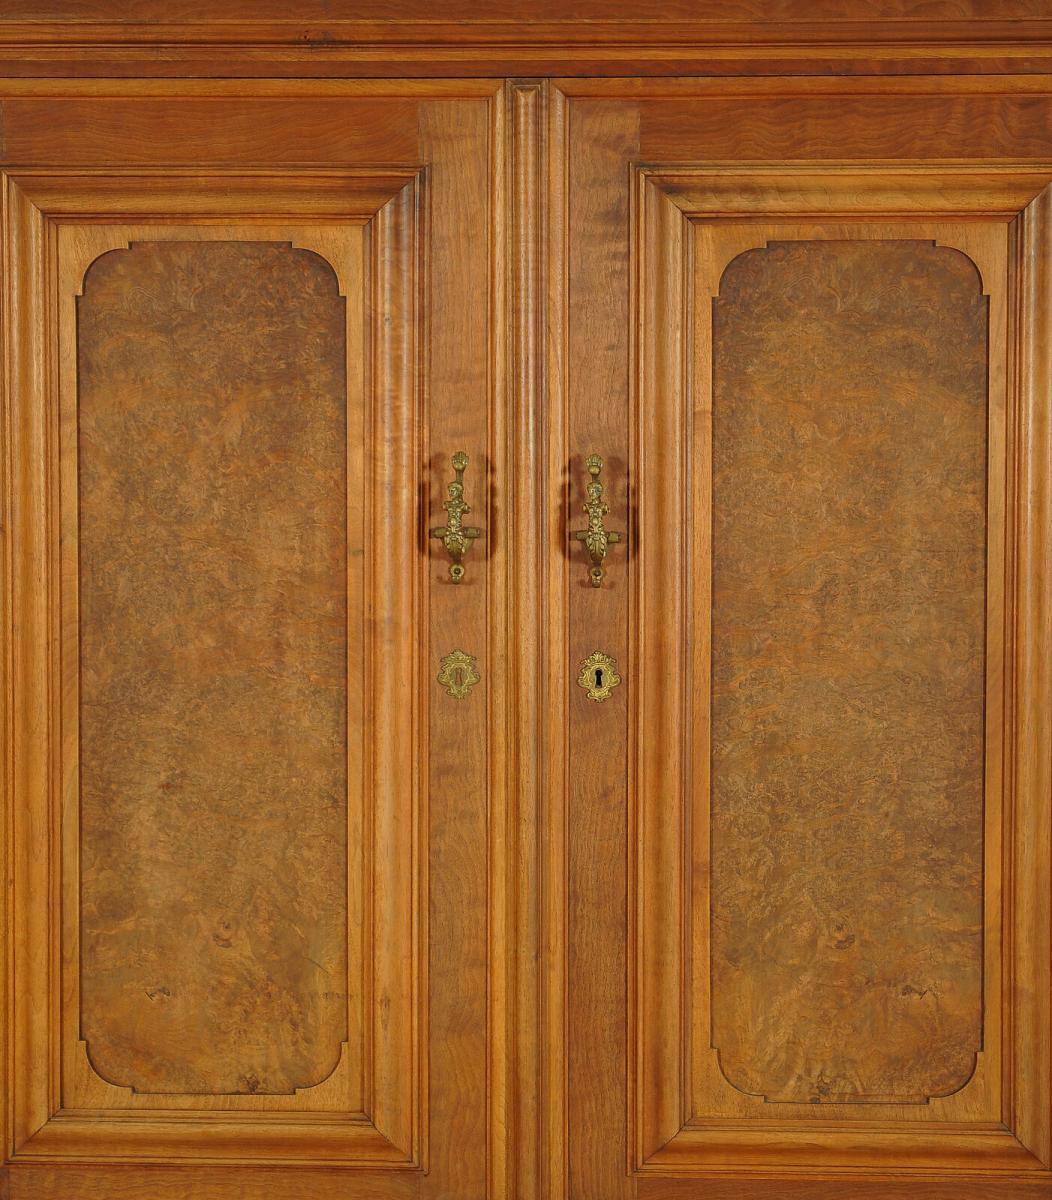 Gründerzeit Dielenschrank / Kleiderschrank mit schönen BeschlägenAntik Kolosseum 3